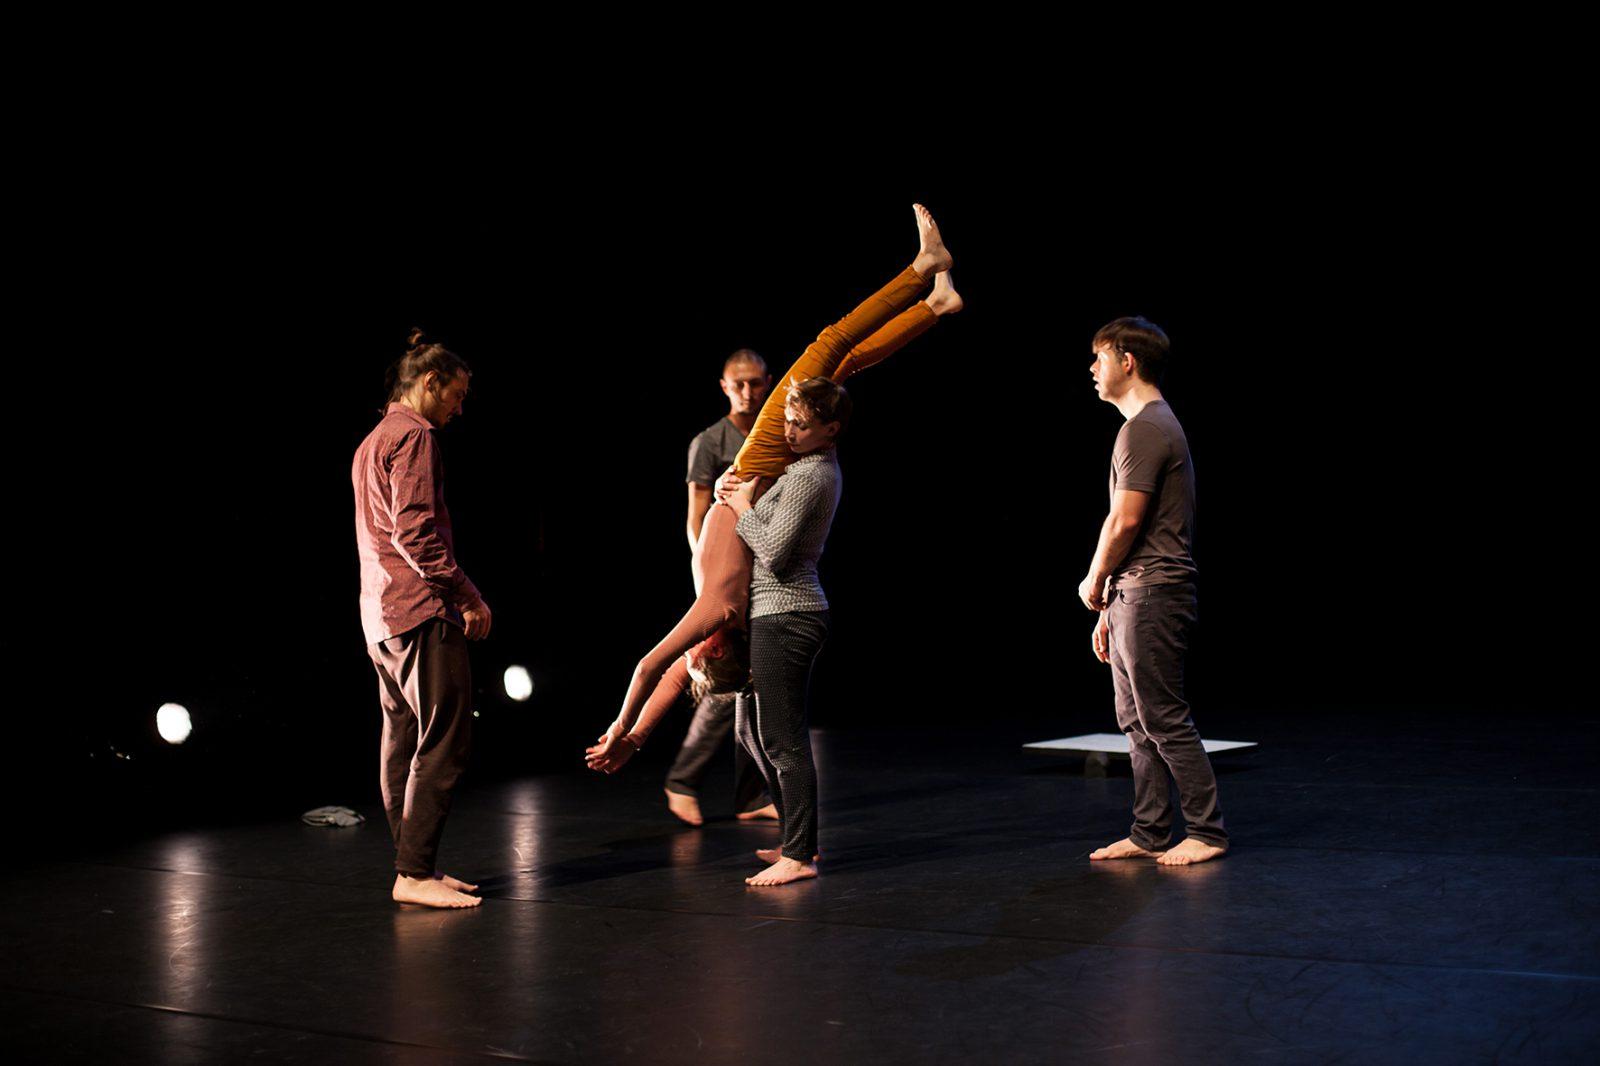 eine Tänzerin hebt eine andere Tänzerin Kopfüber. Frei Tänzer schauen ihr zu.